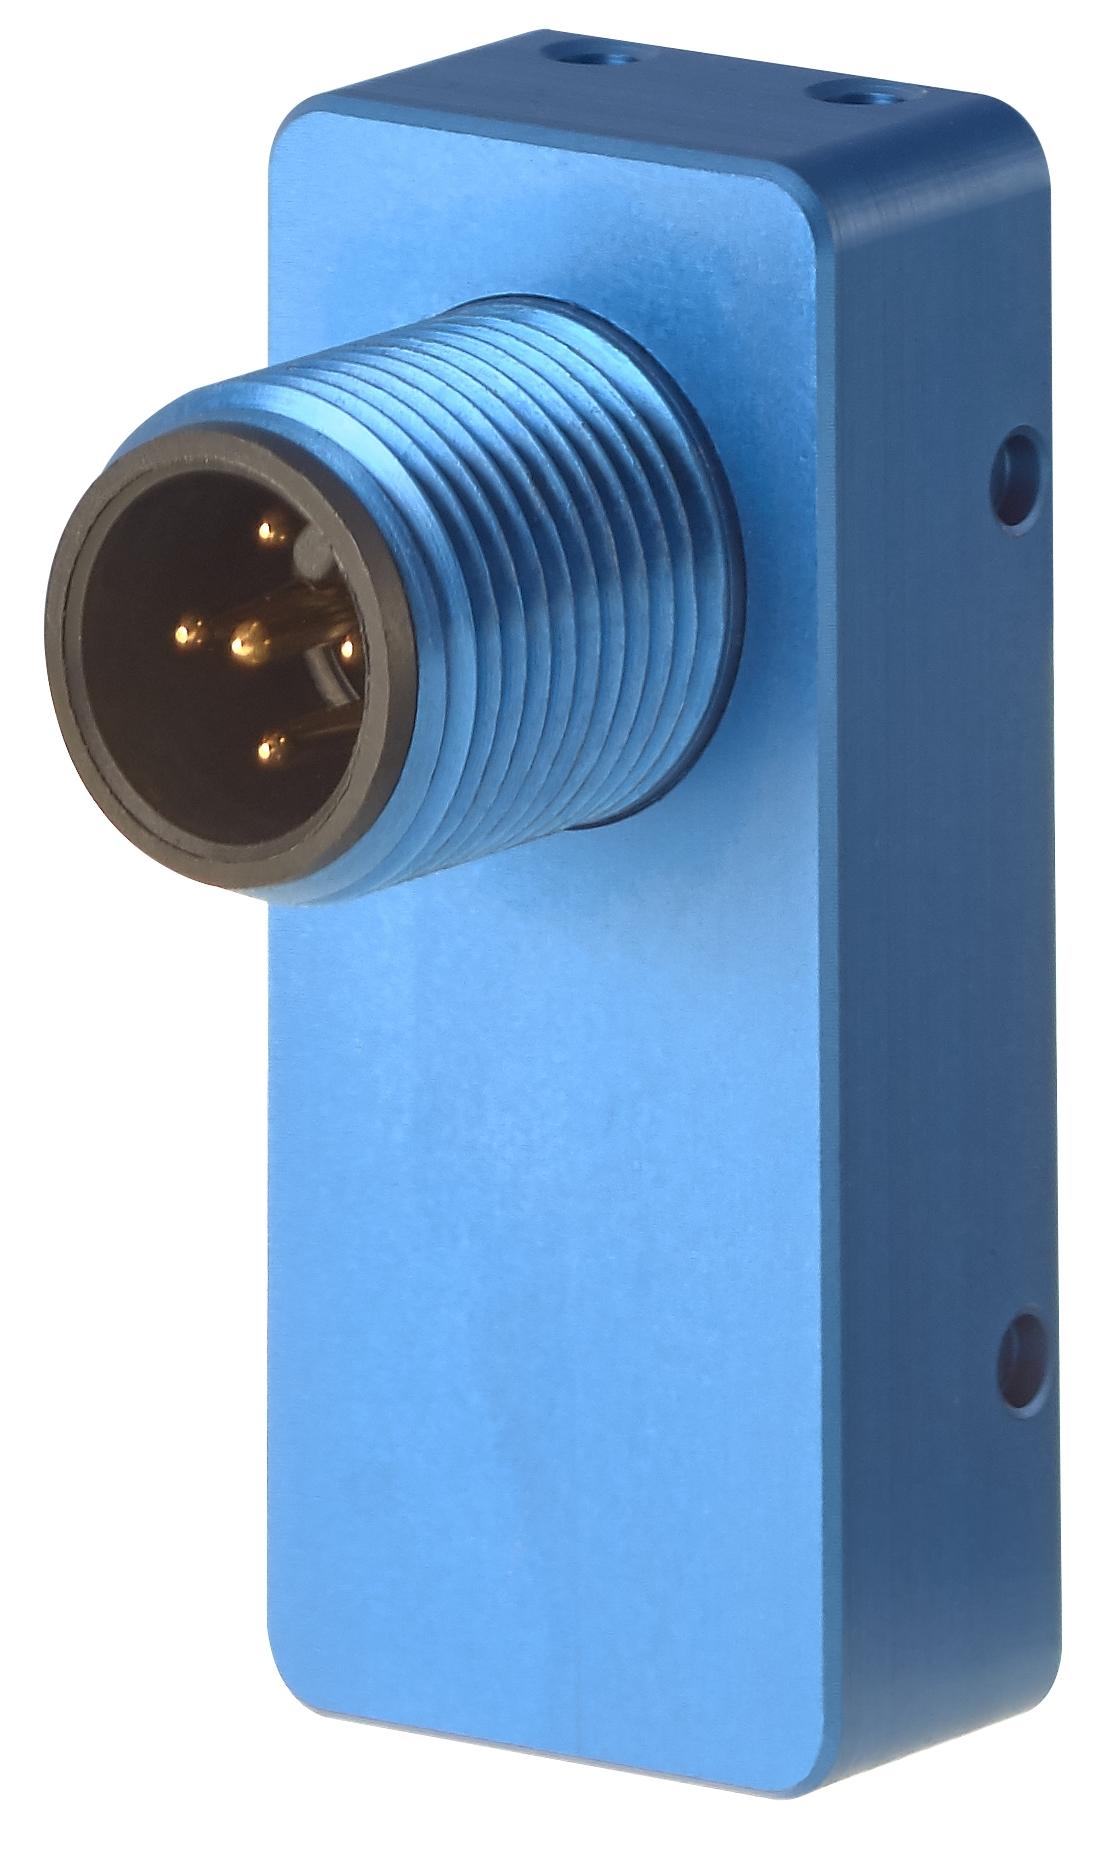 Analogtransmitter Signal 4.0 liefert ein Stromsignal und ein Spannungssignal